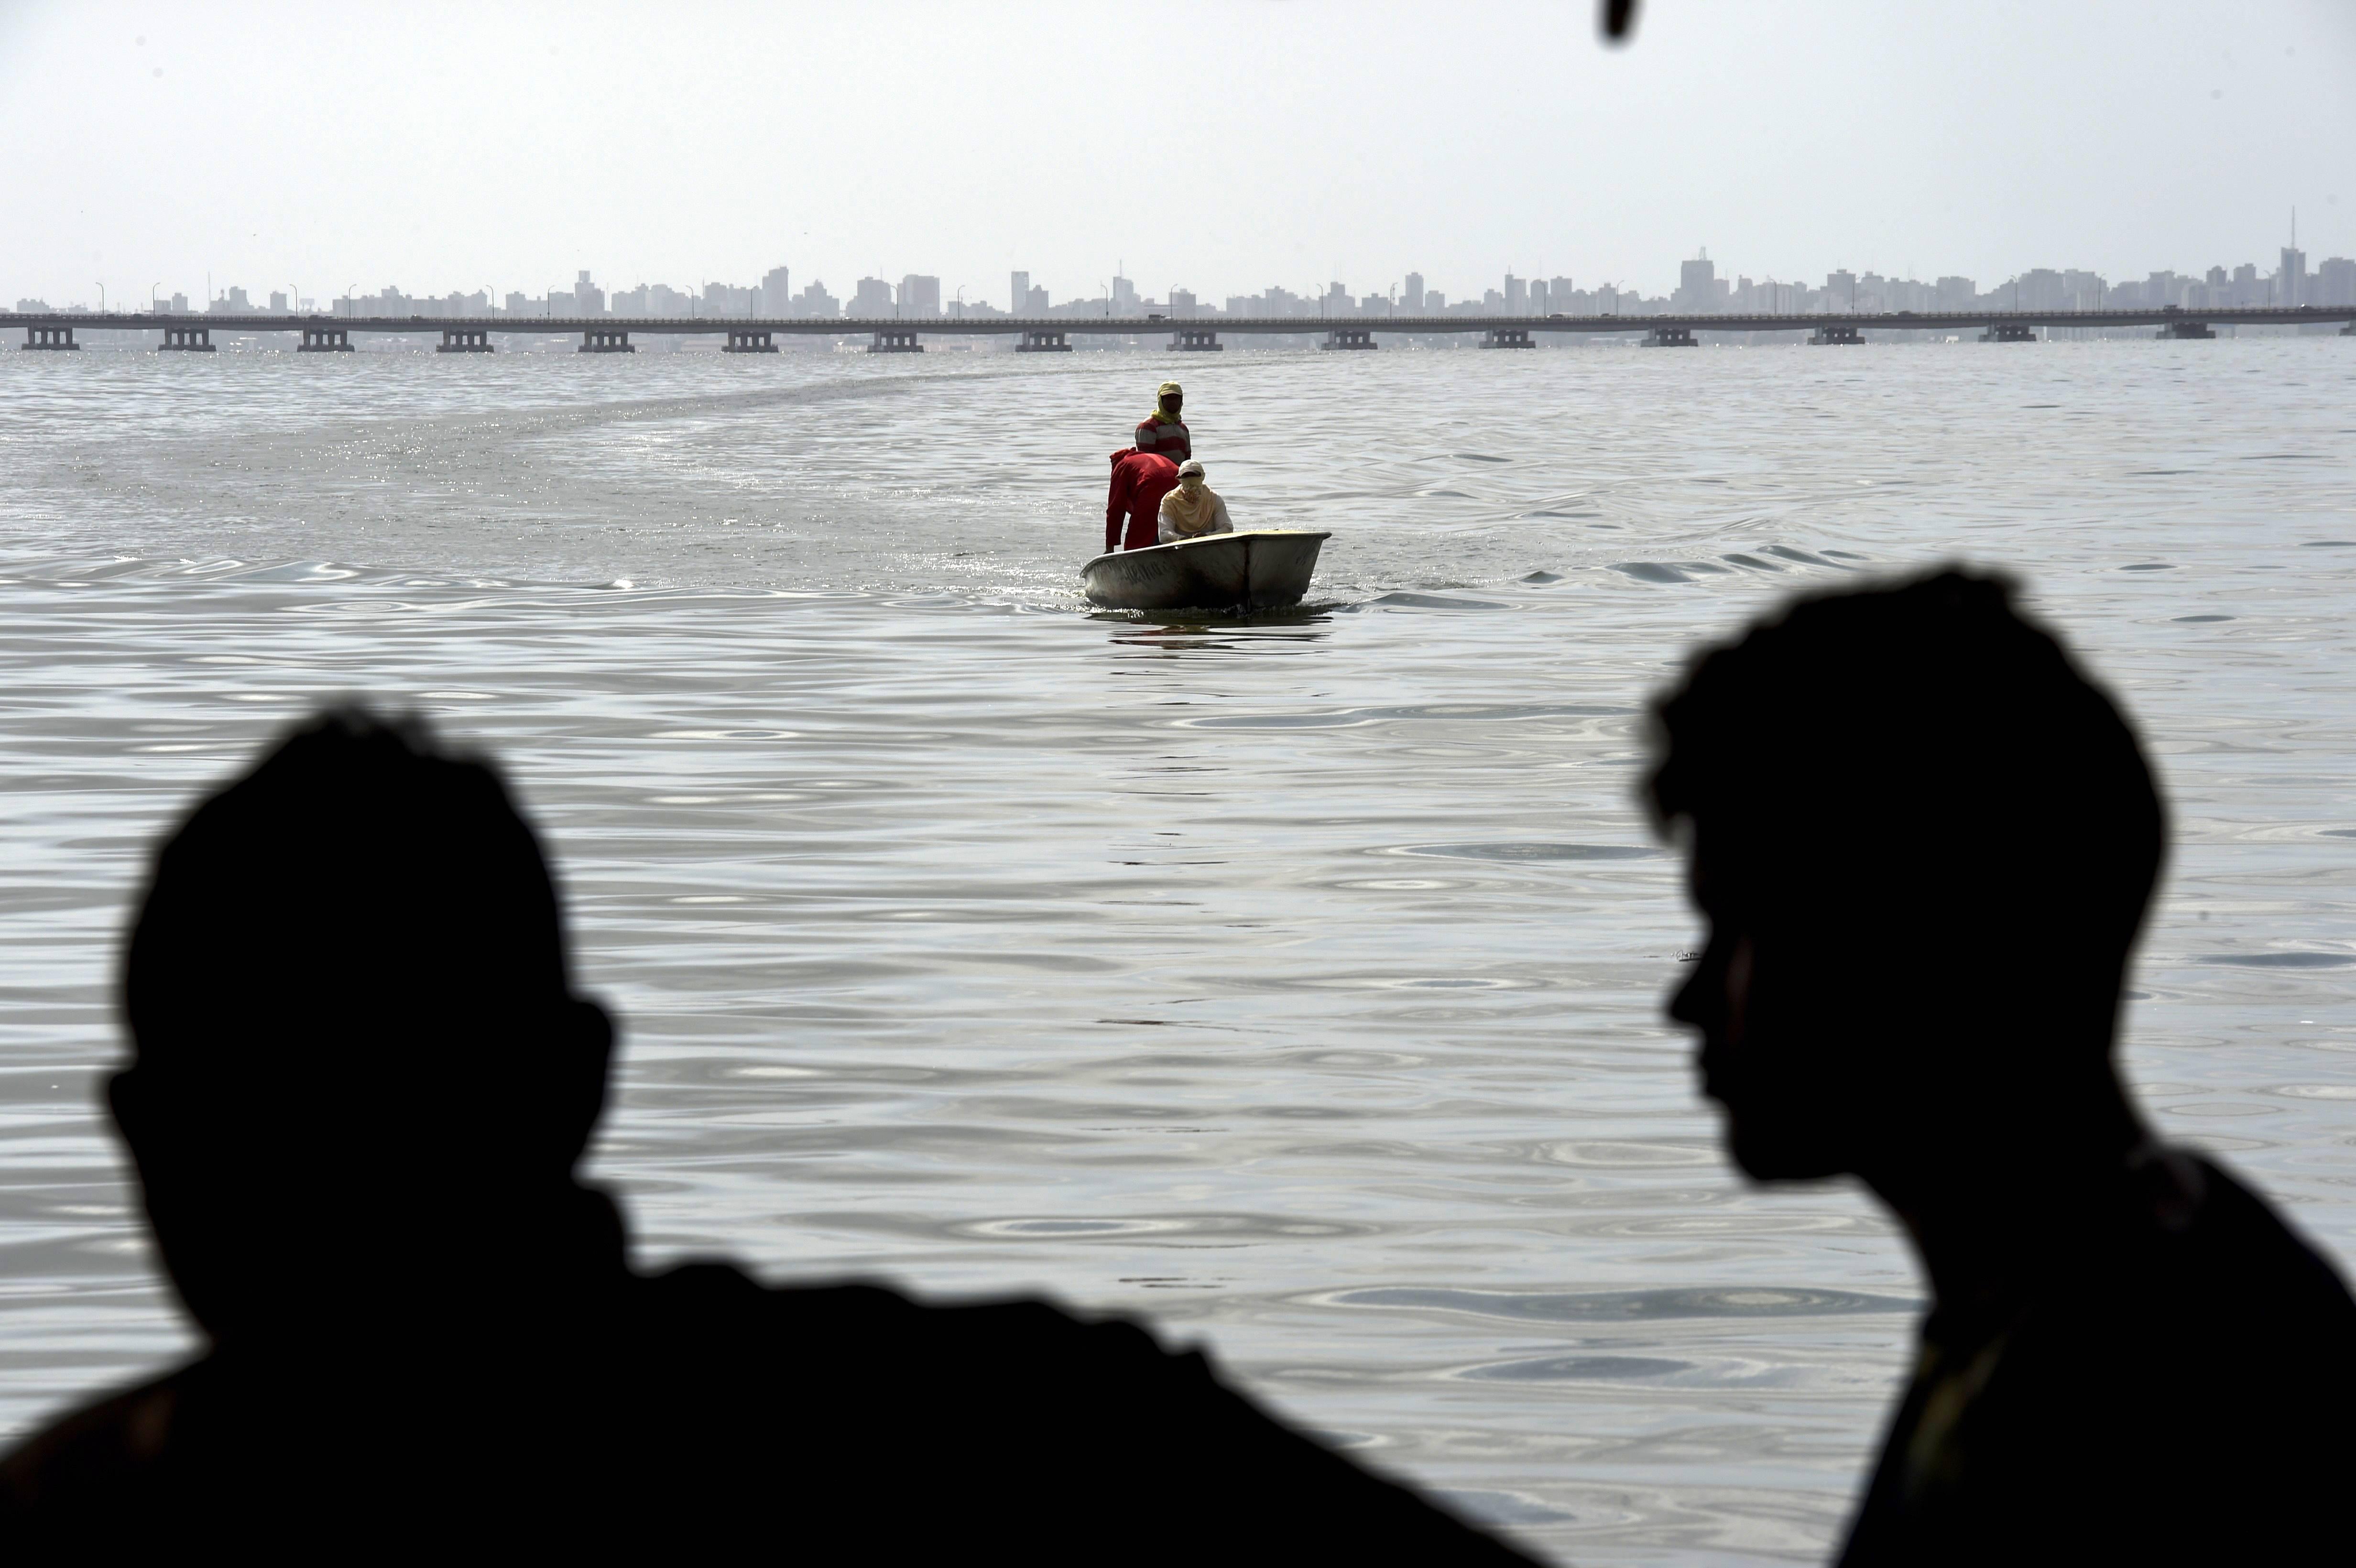 Moradores retornam após pescar nas águas poluídas do lago Maracaibo | Foto: YURI CORTEZ/AFP